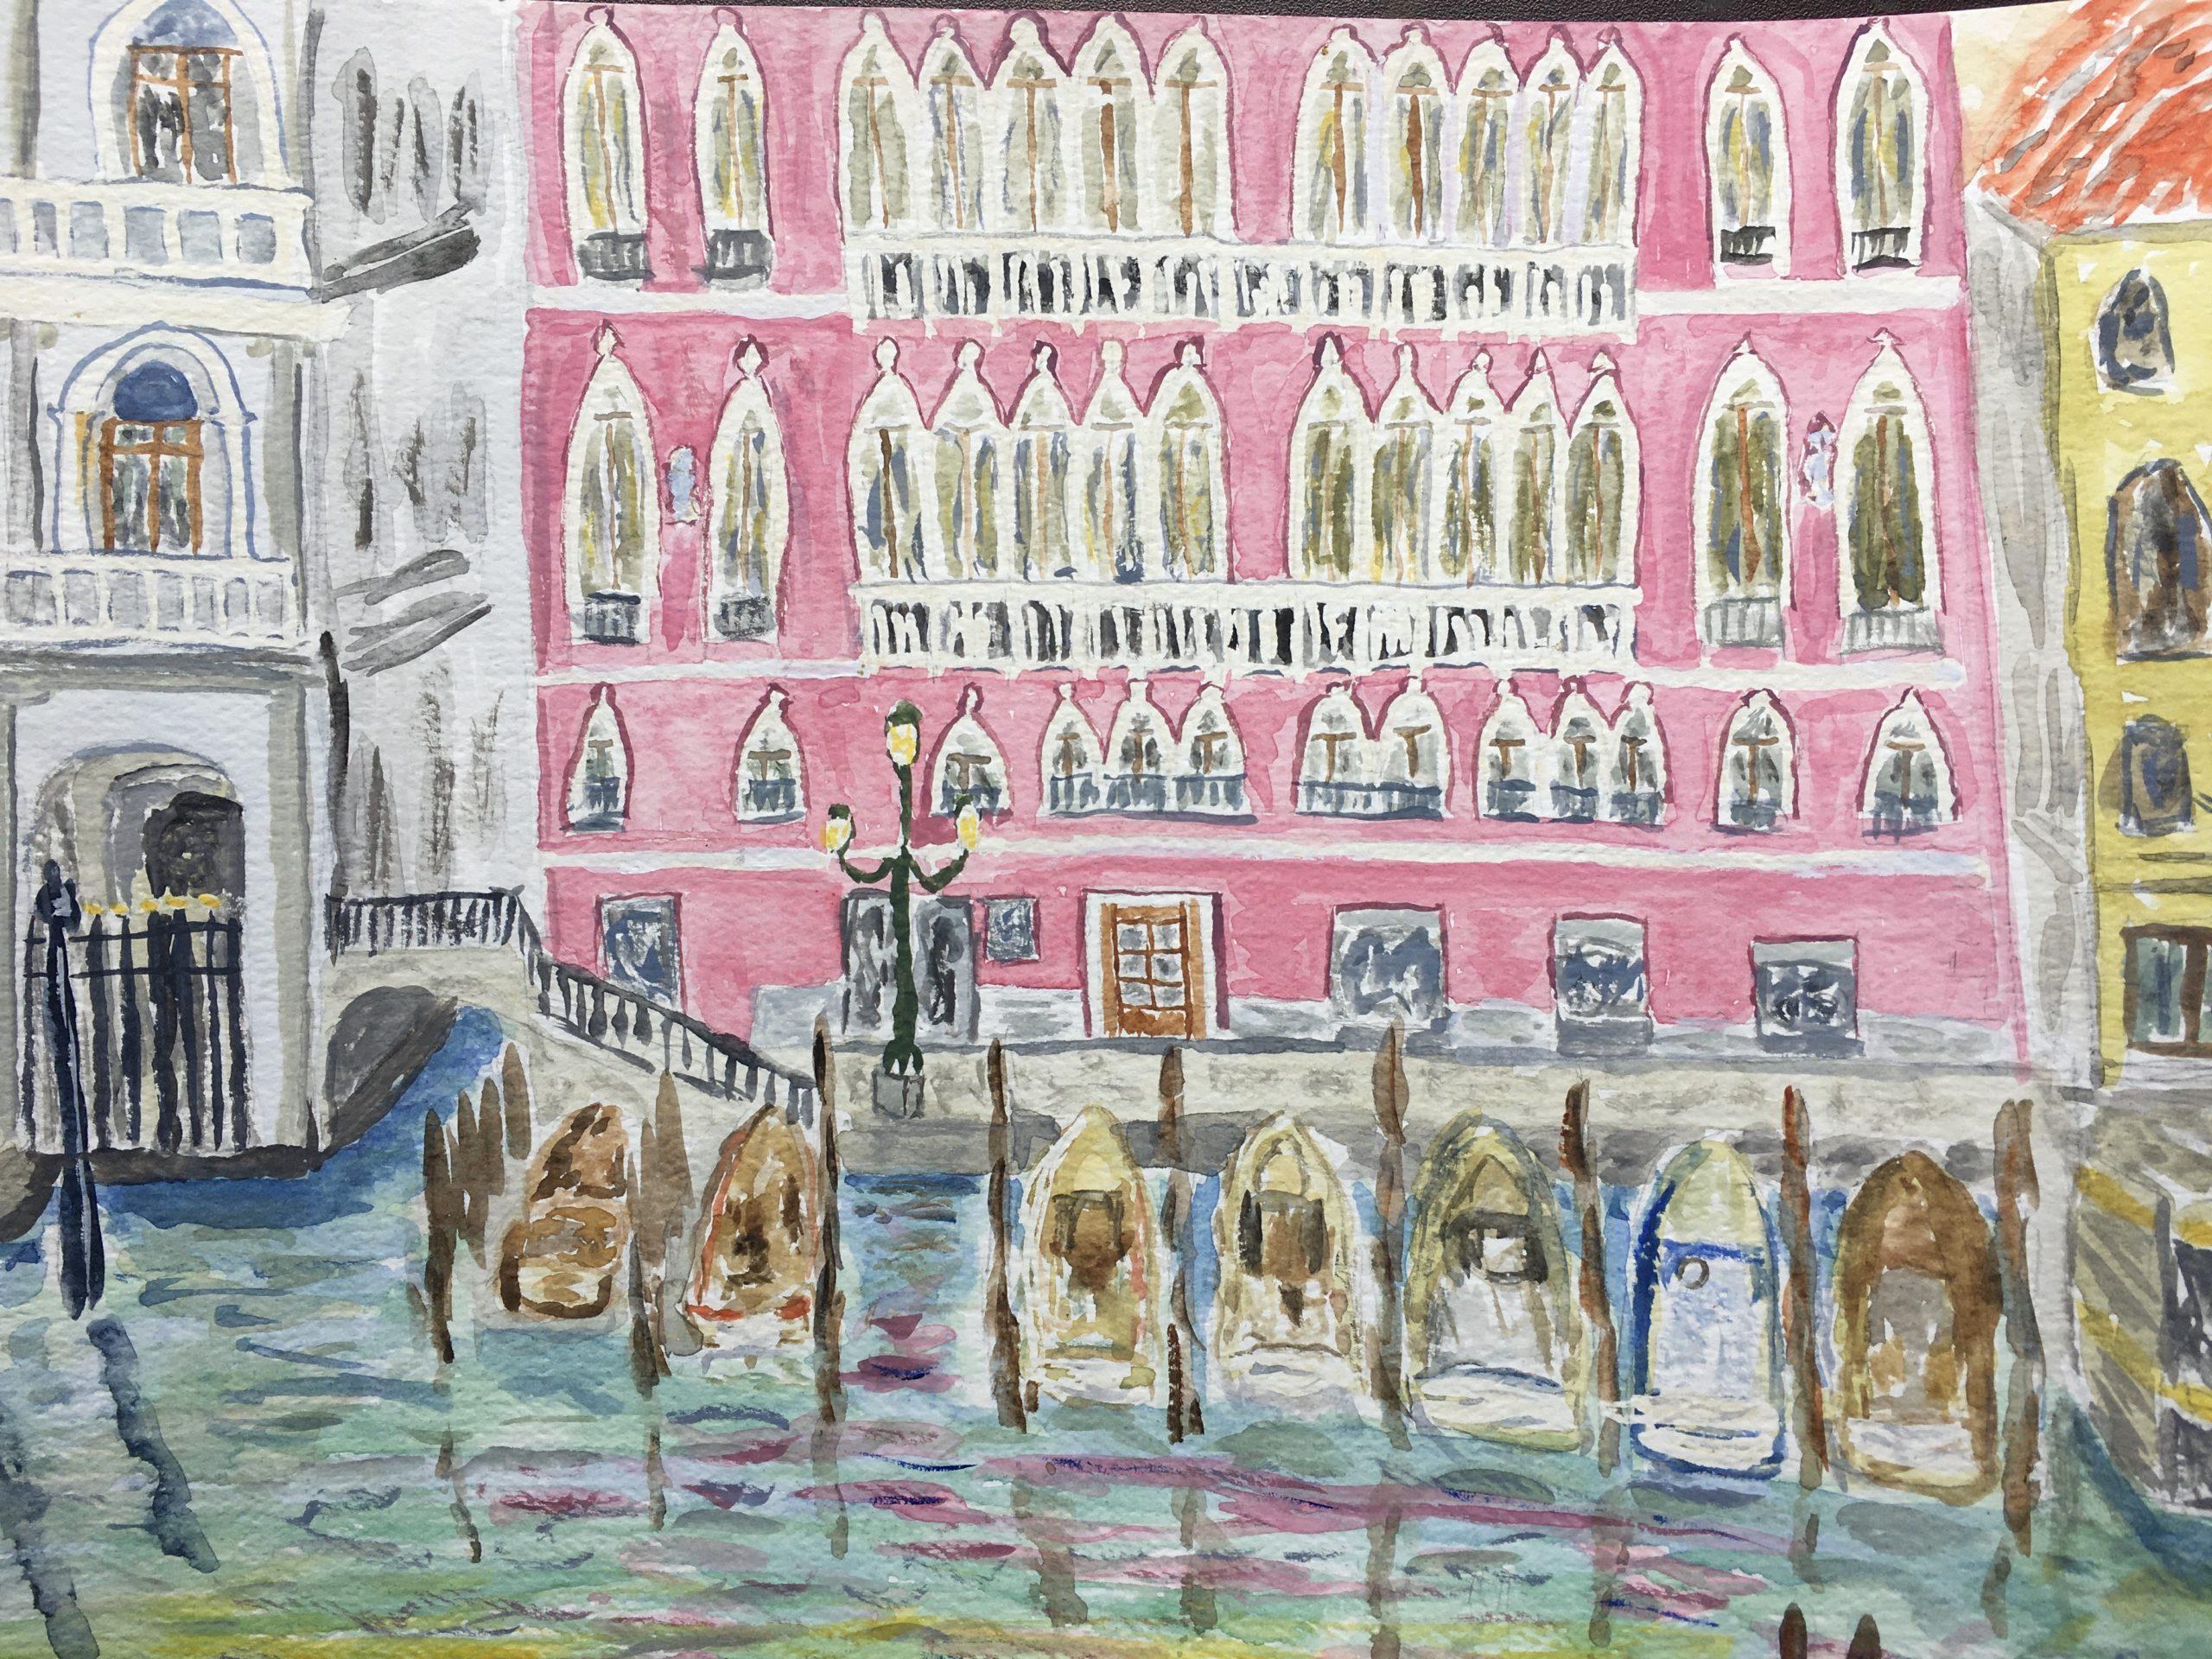 2003 (watercolor)